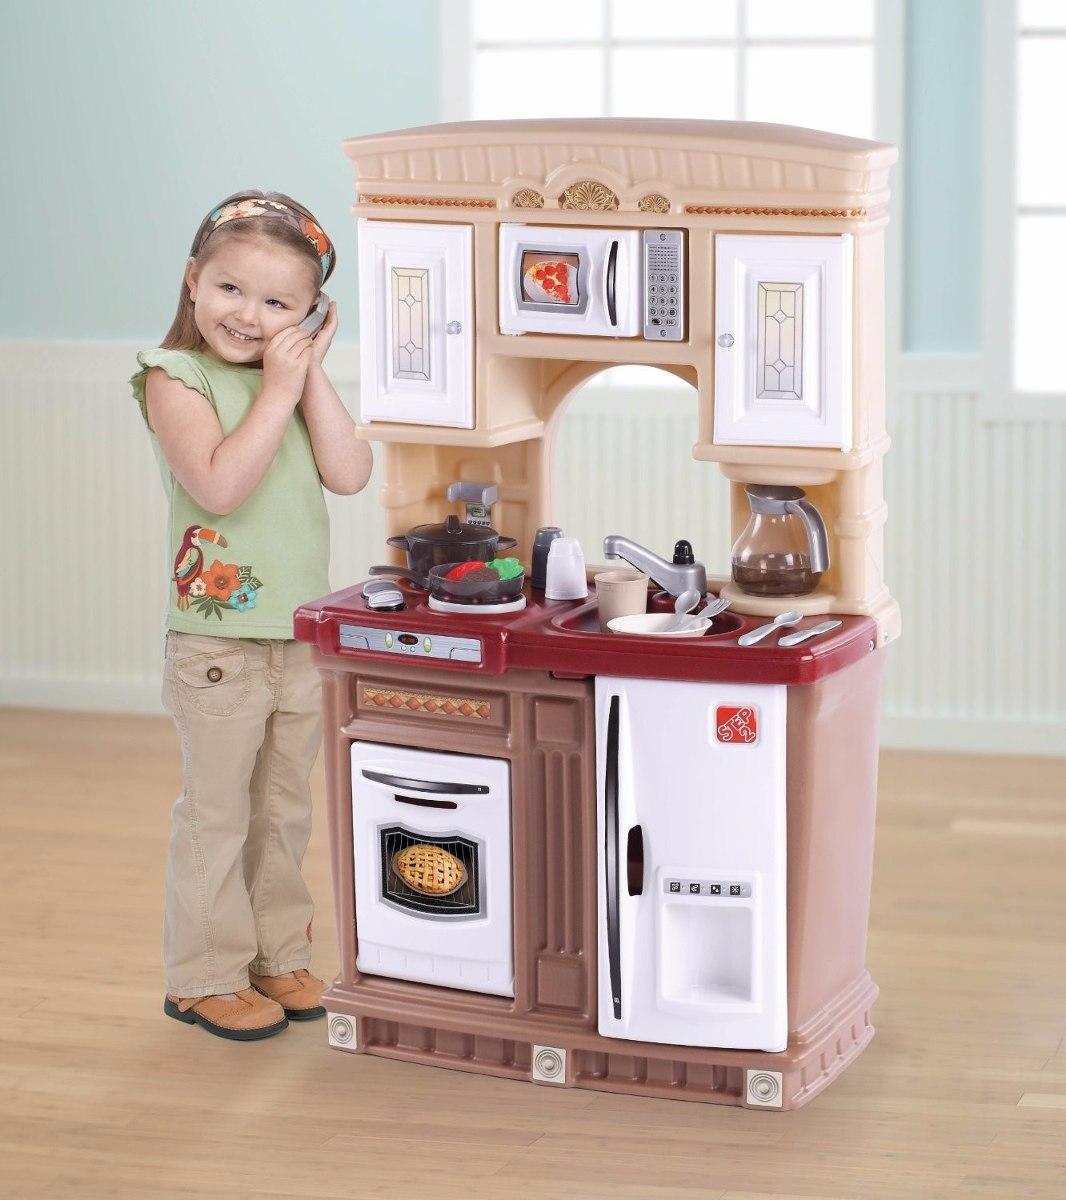 Cocinita step2 lifestyle fresh ni os juguete cocina hm0 for Cocina ninos juguete